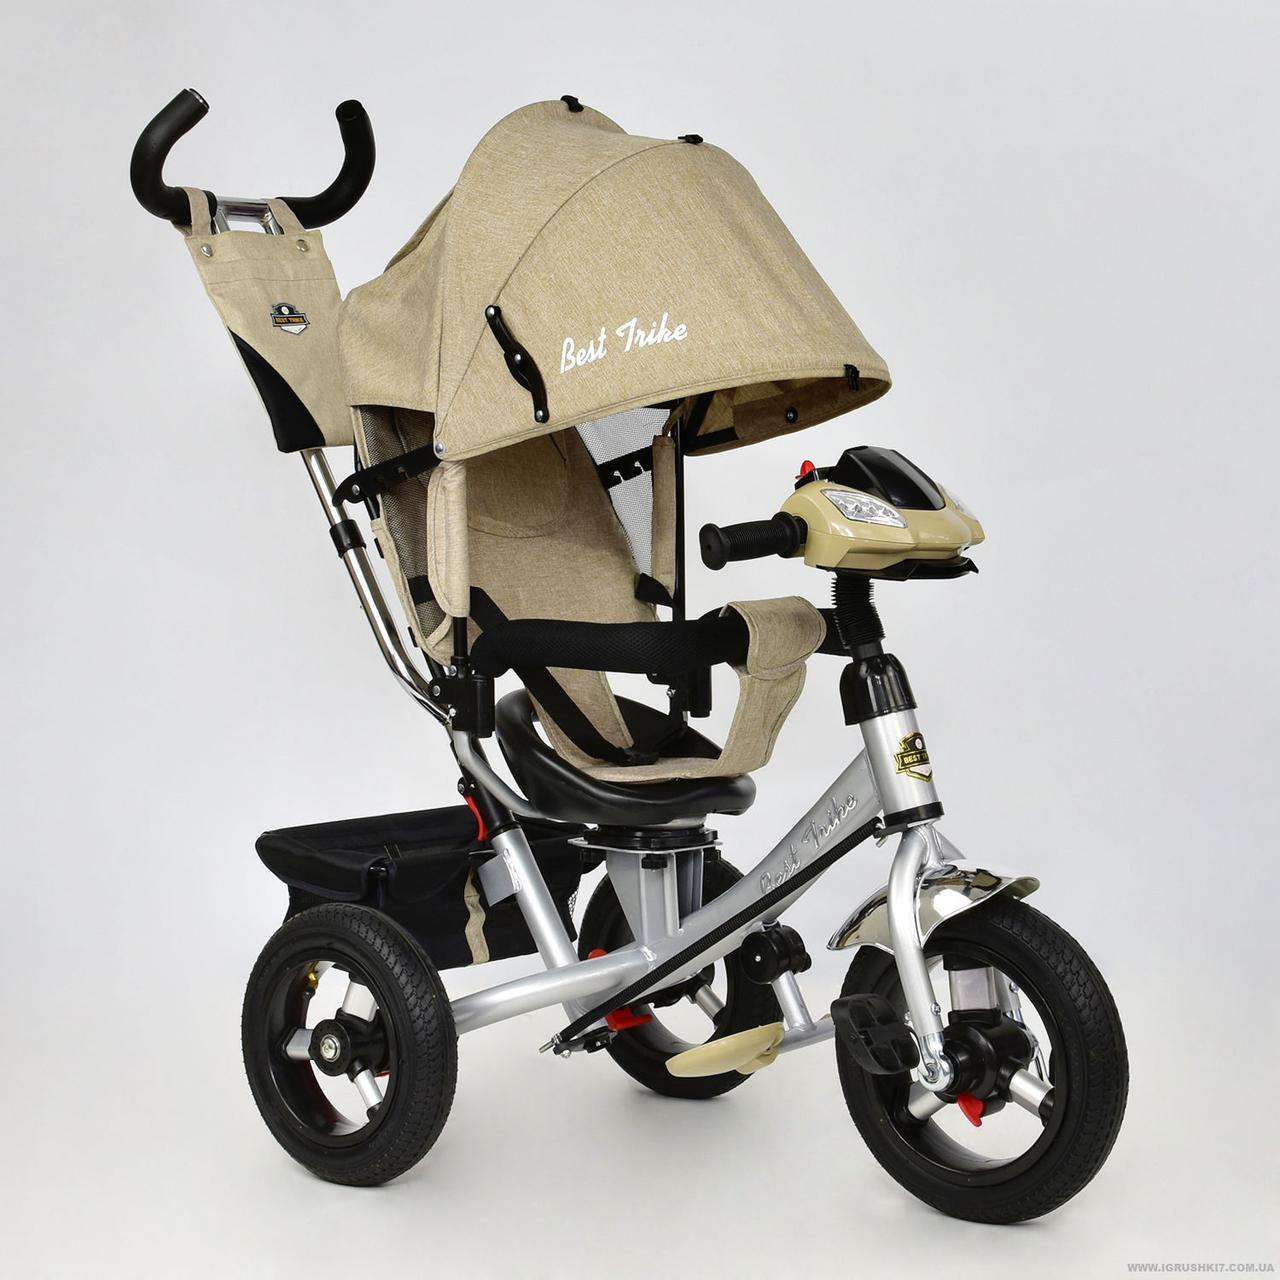 Велосипед 3-х колёс. 7700 В - 5780 /БЕЖЕВЫЙ ЛЁН/ Best Trike (1) ПОВОРОТНОЕ СИДЕНЬЕ, НАДУВНЫЕ КОЛЕСА переднее